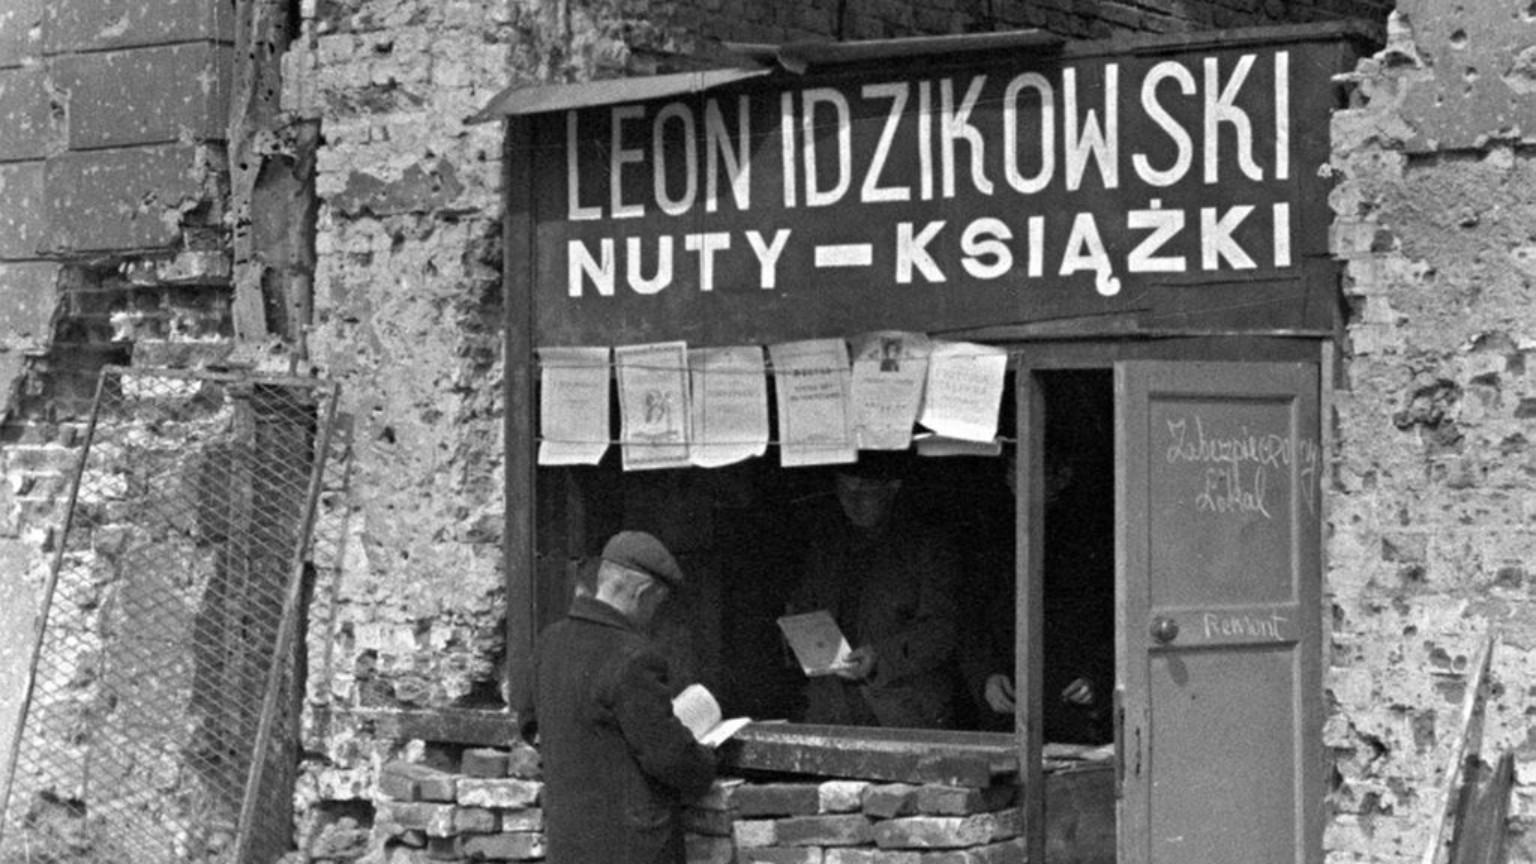 Zdjęcie dla kartki: Warszawa po wojnie